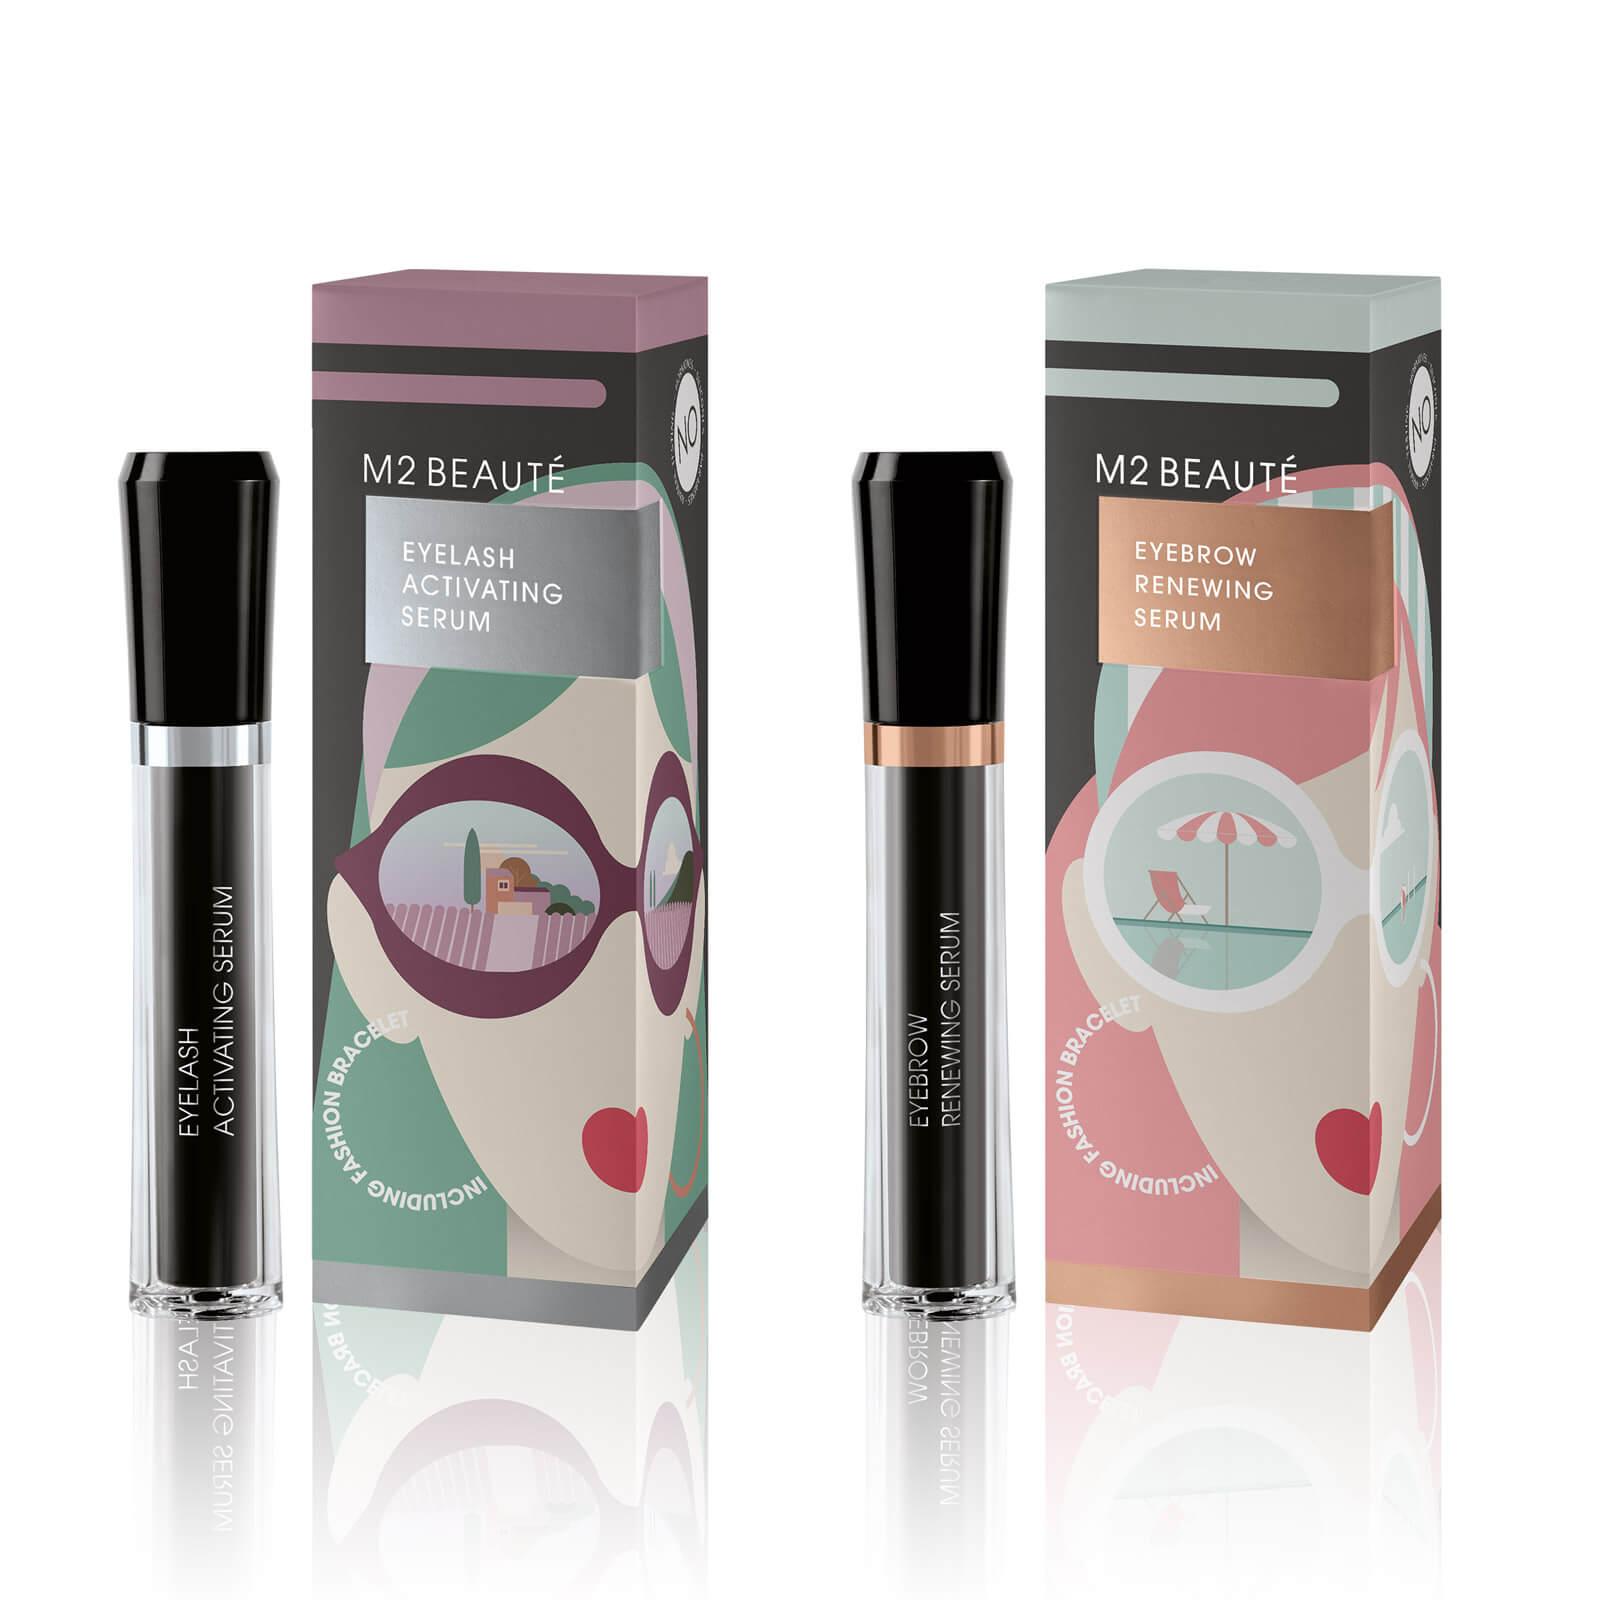 m2-beaute-packagings-summer20